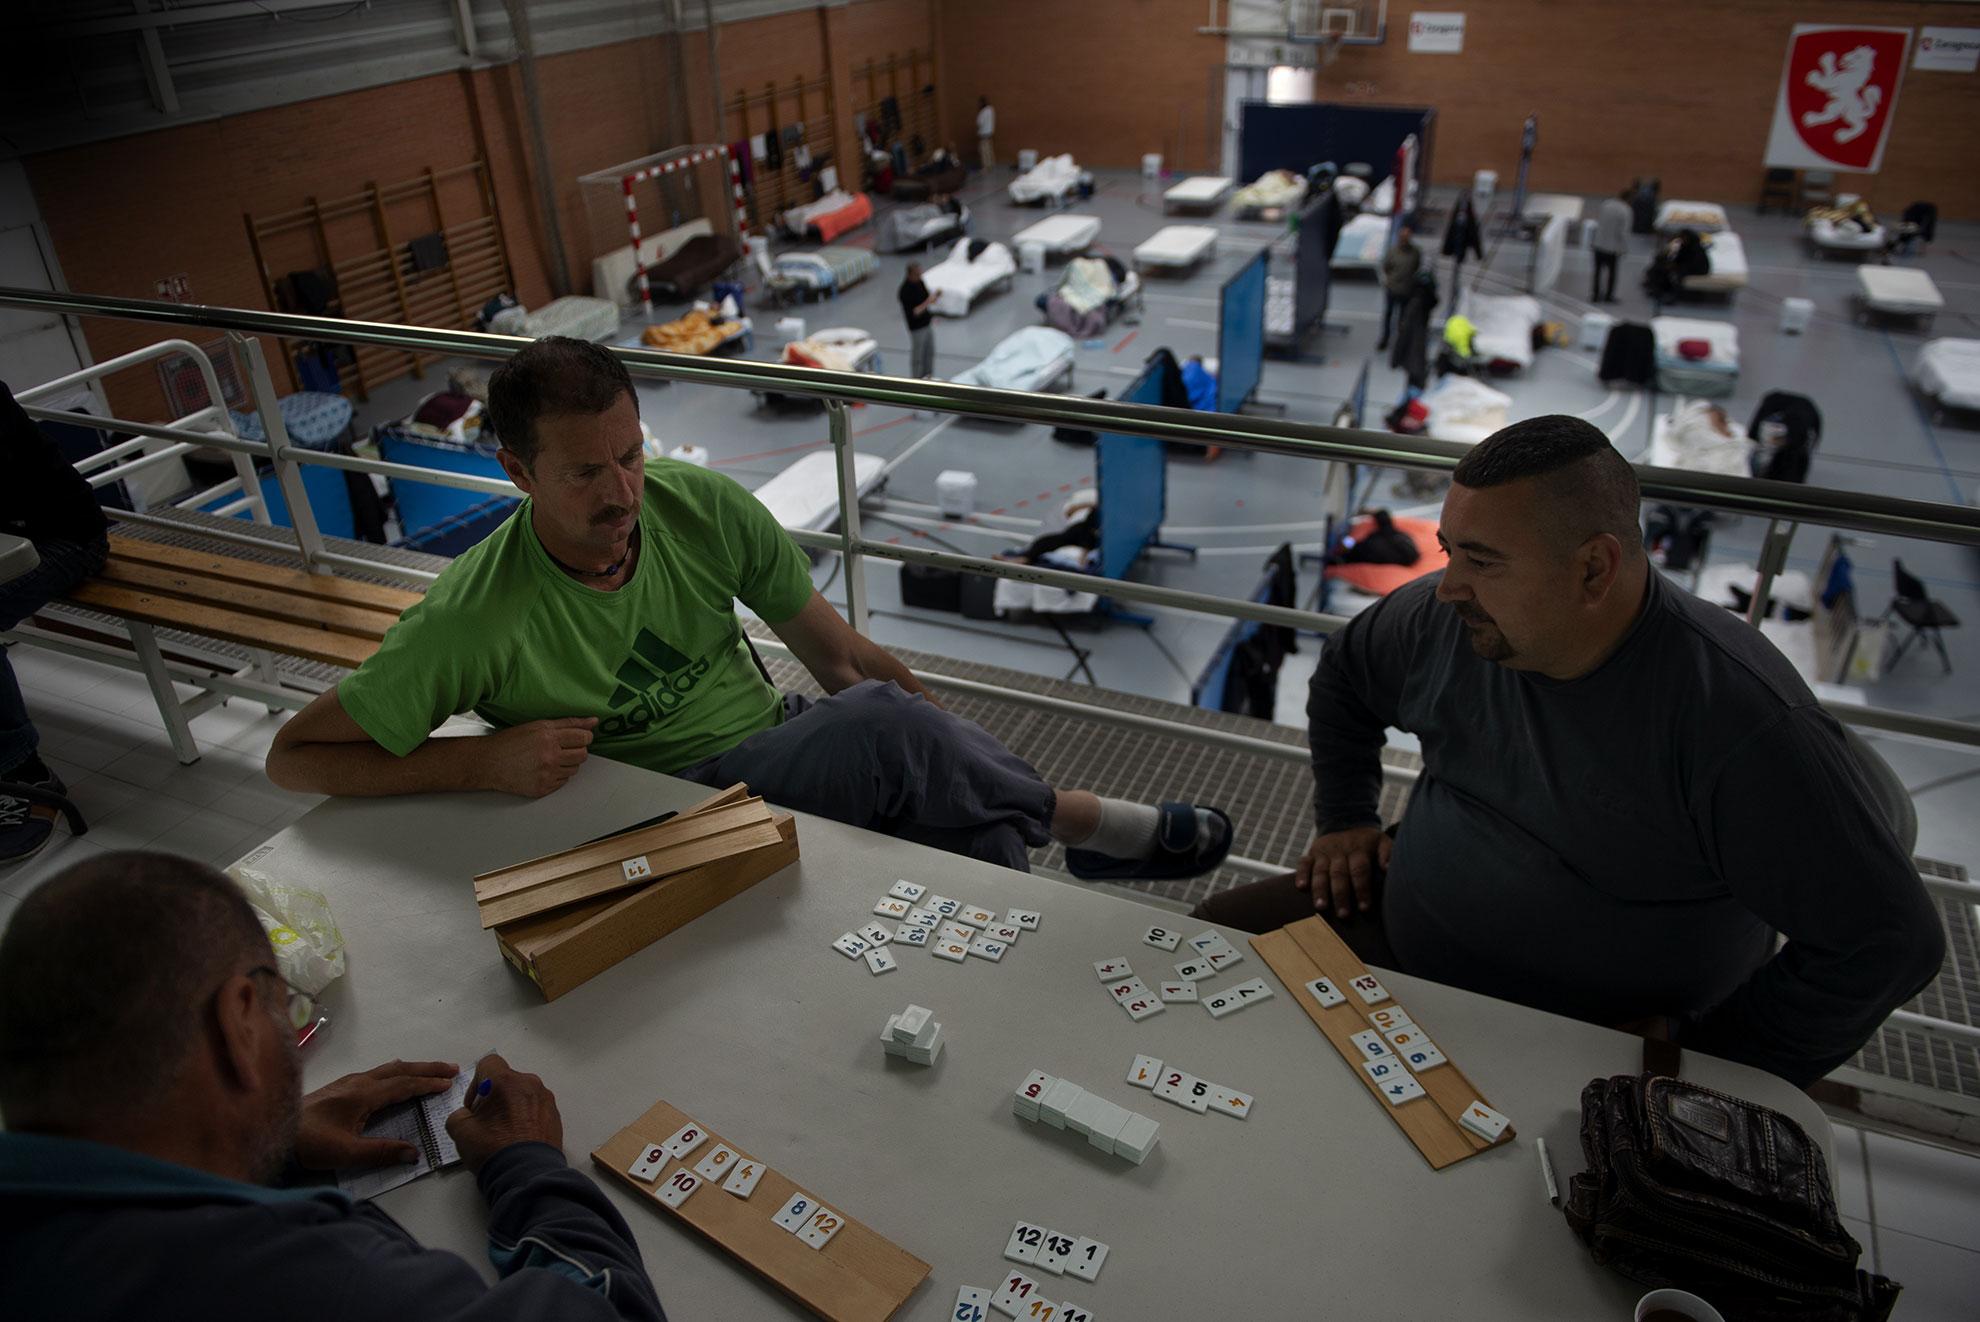 Florin, Christian y Jon juegan al Rummykub mientras permanecen confinados en el Pabellón deportivo Tenerías habilitado por el Ayuntamiento de Zaragoza para acoger a las personas sin alojamiento en la ciudad durante el estado de alarma.